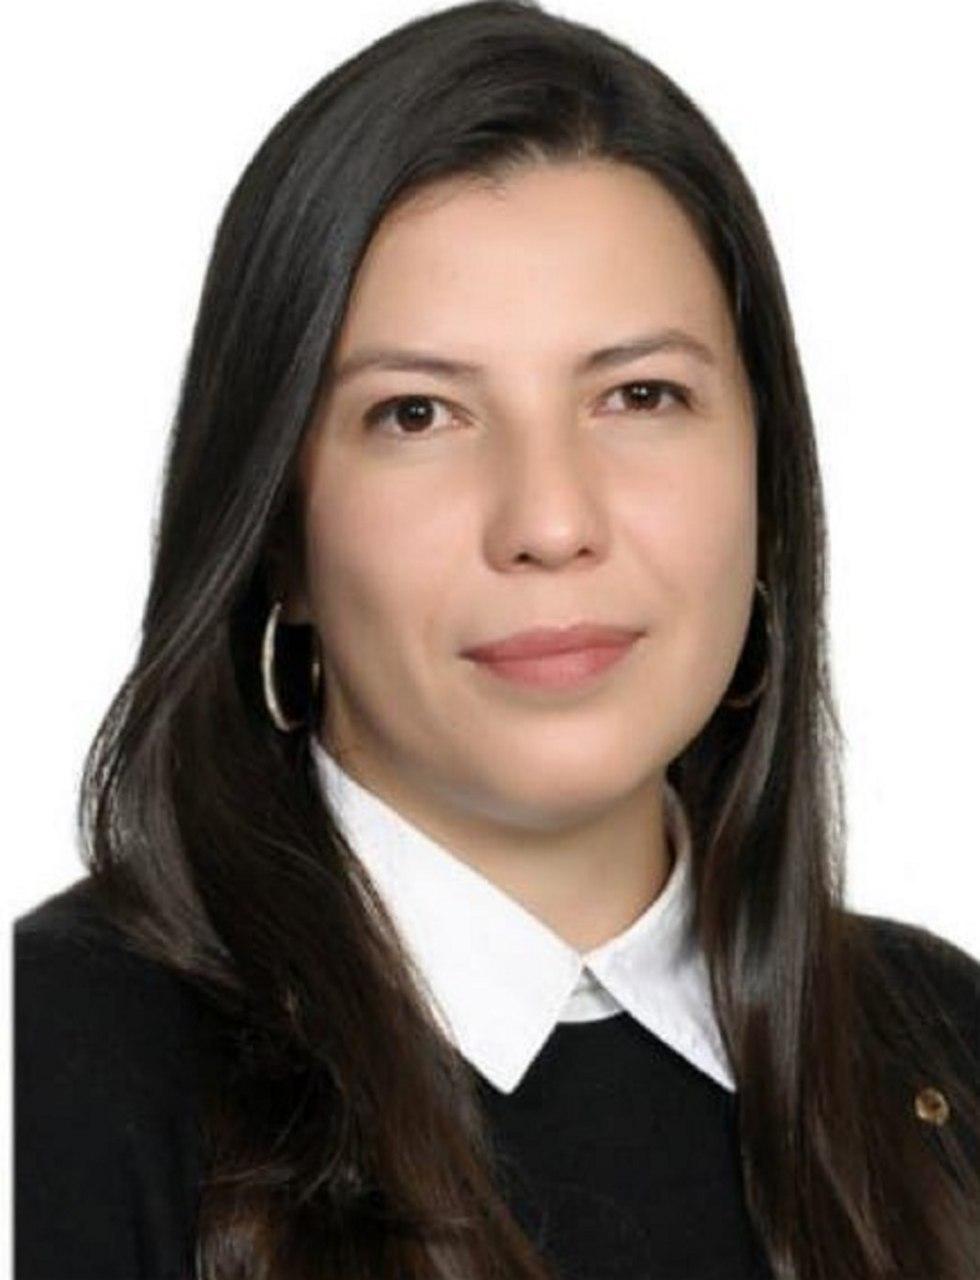 La nueva secretaria general de Sogamoso #Tolditos7días 1